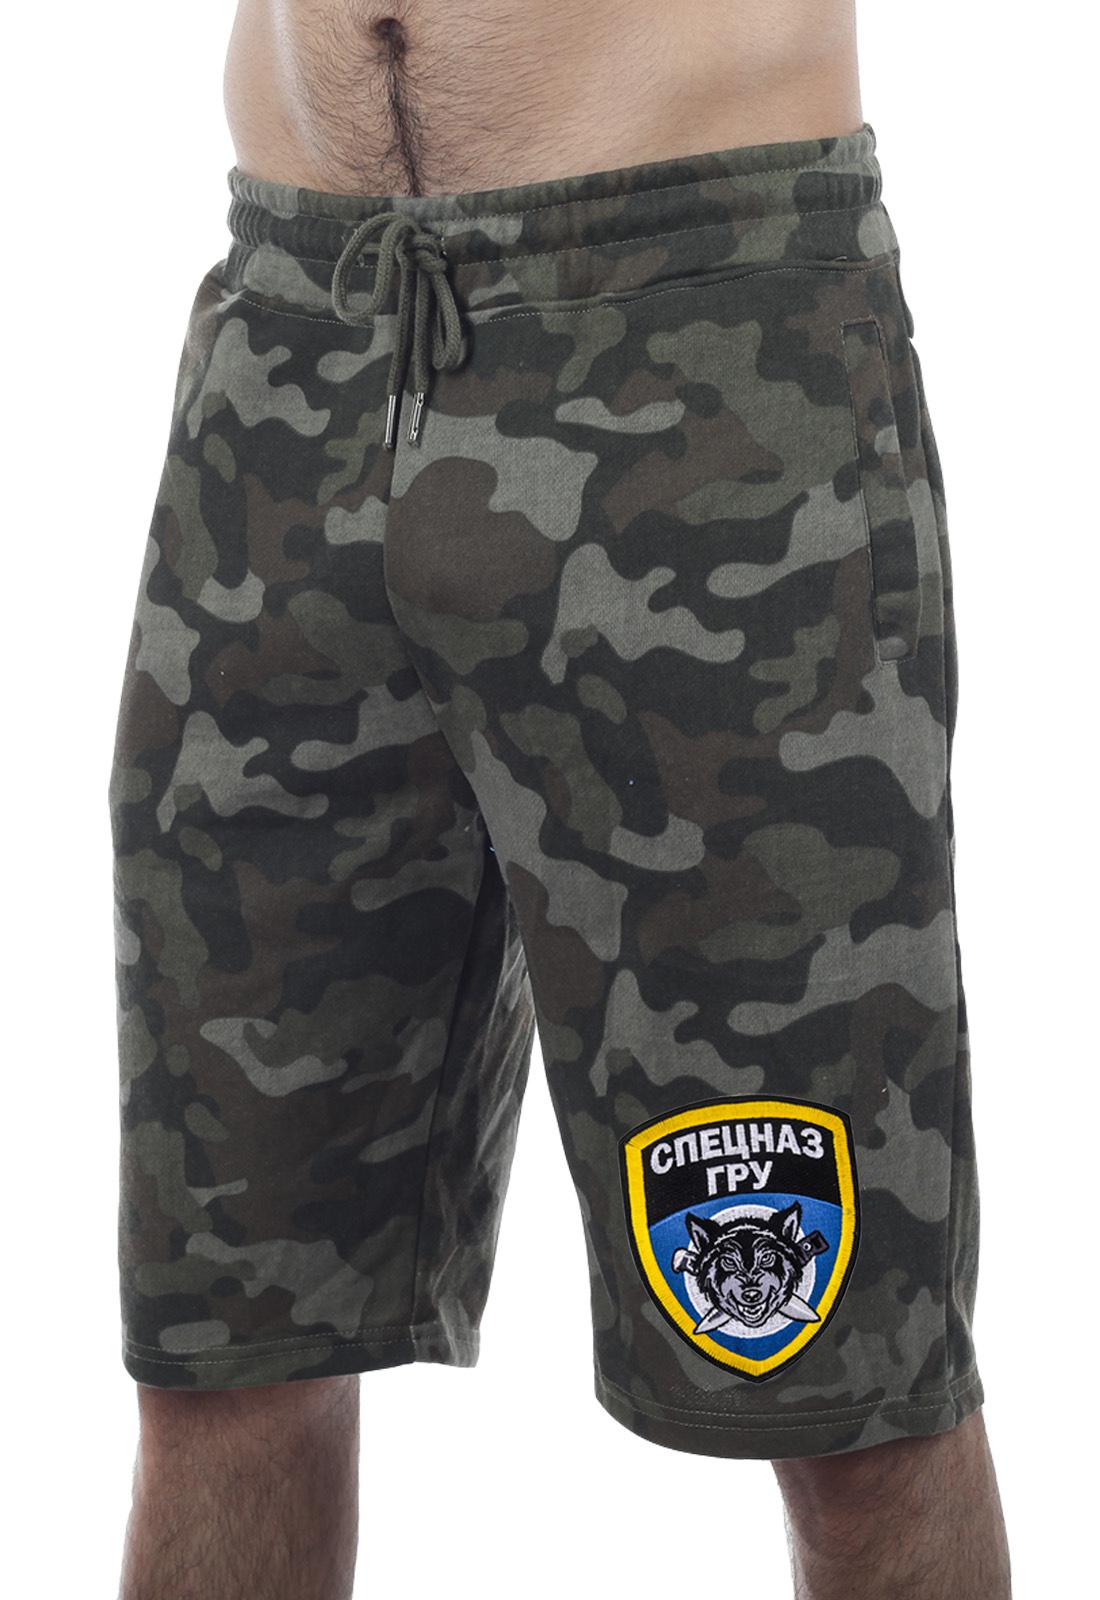 Купить в военторге мужские милитари шорты Спецназа ГРУ